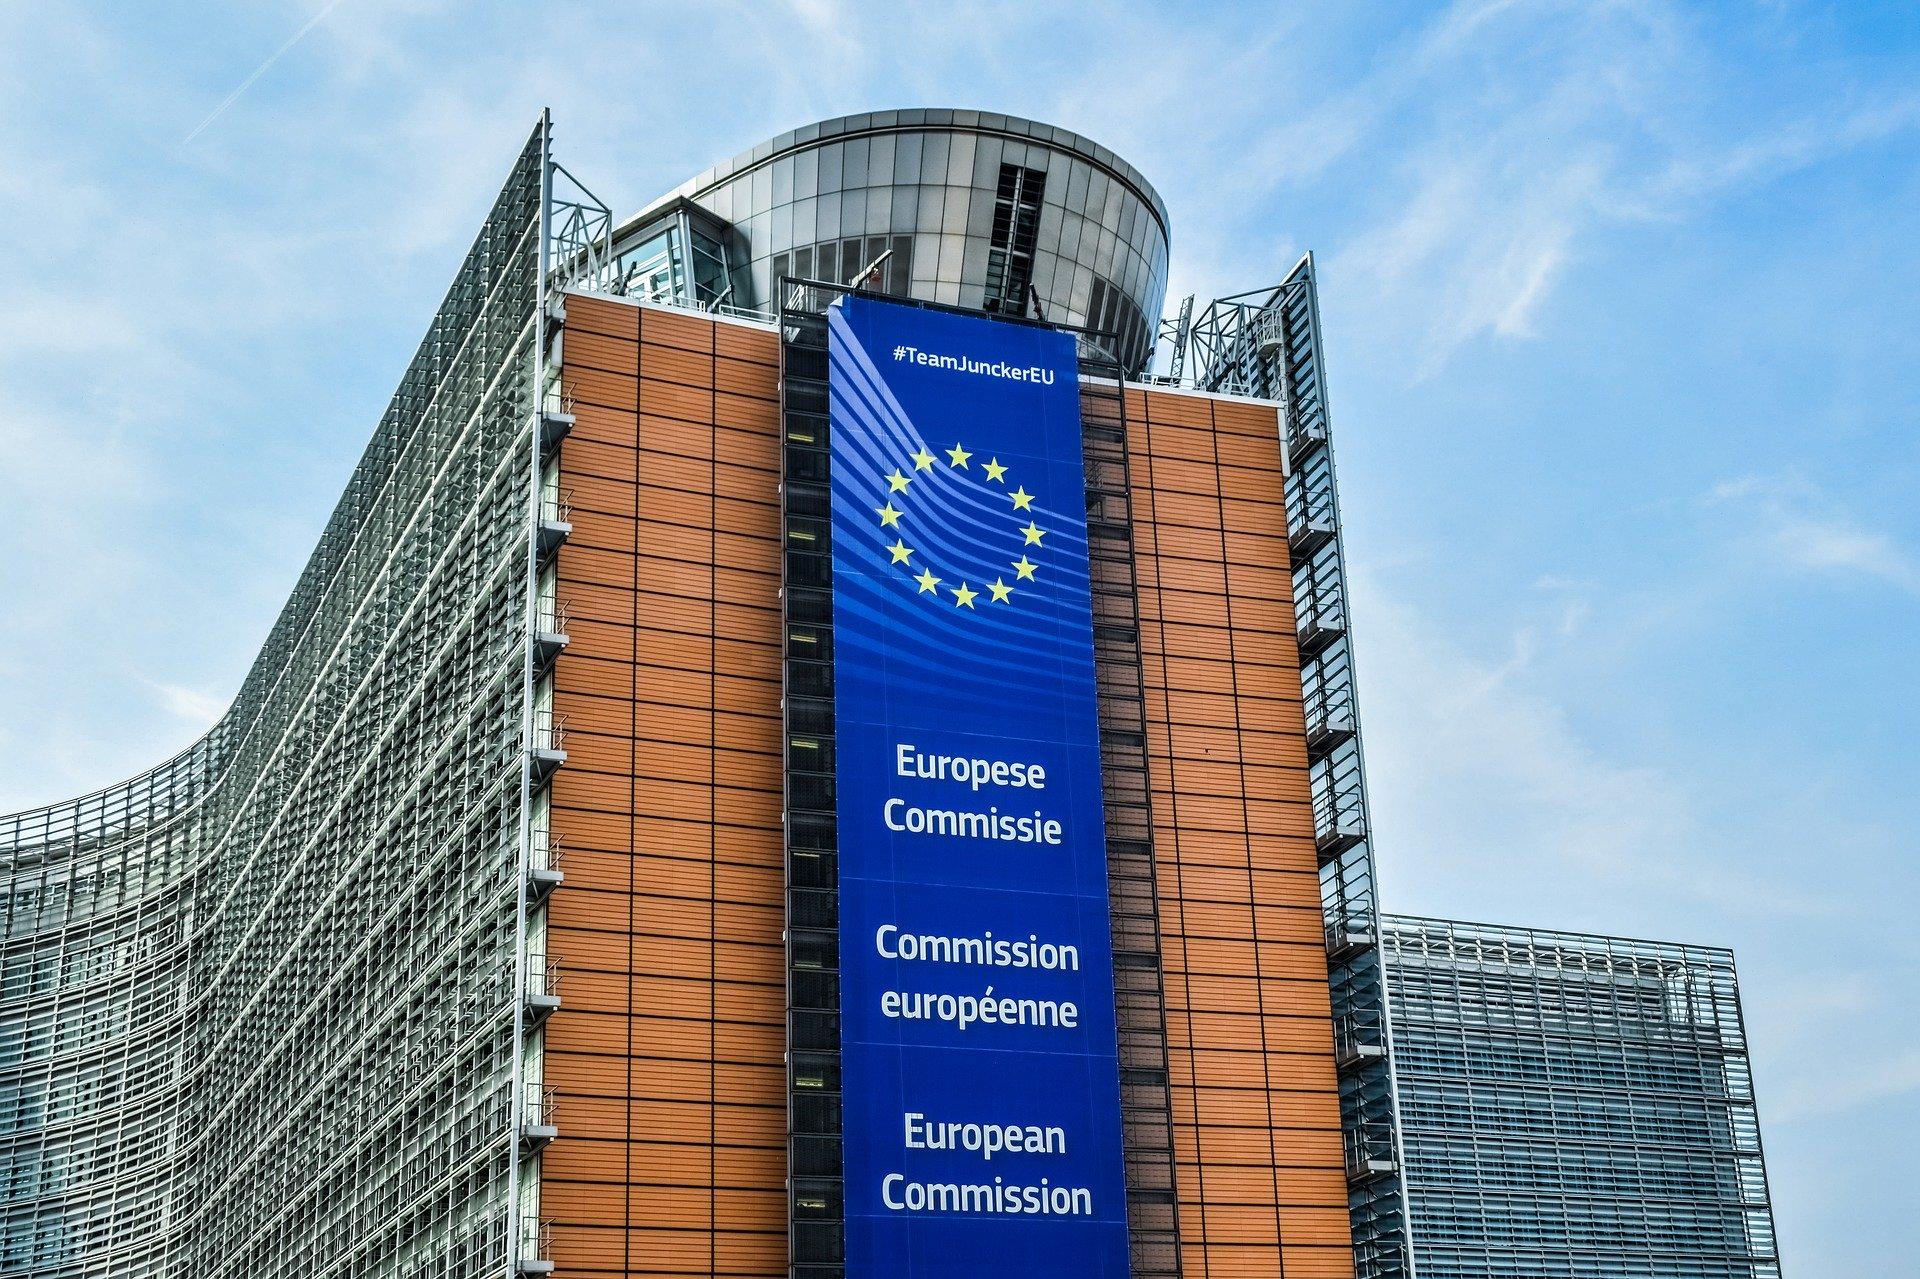 brussel_eu_europäische_europa_union_minister_politik